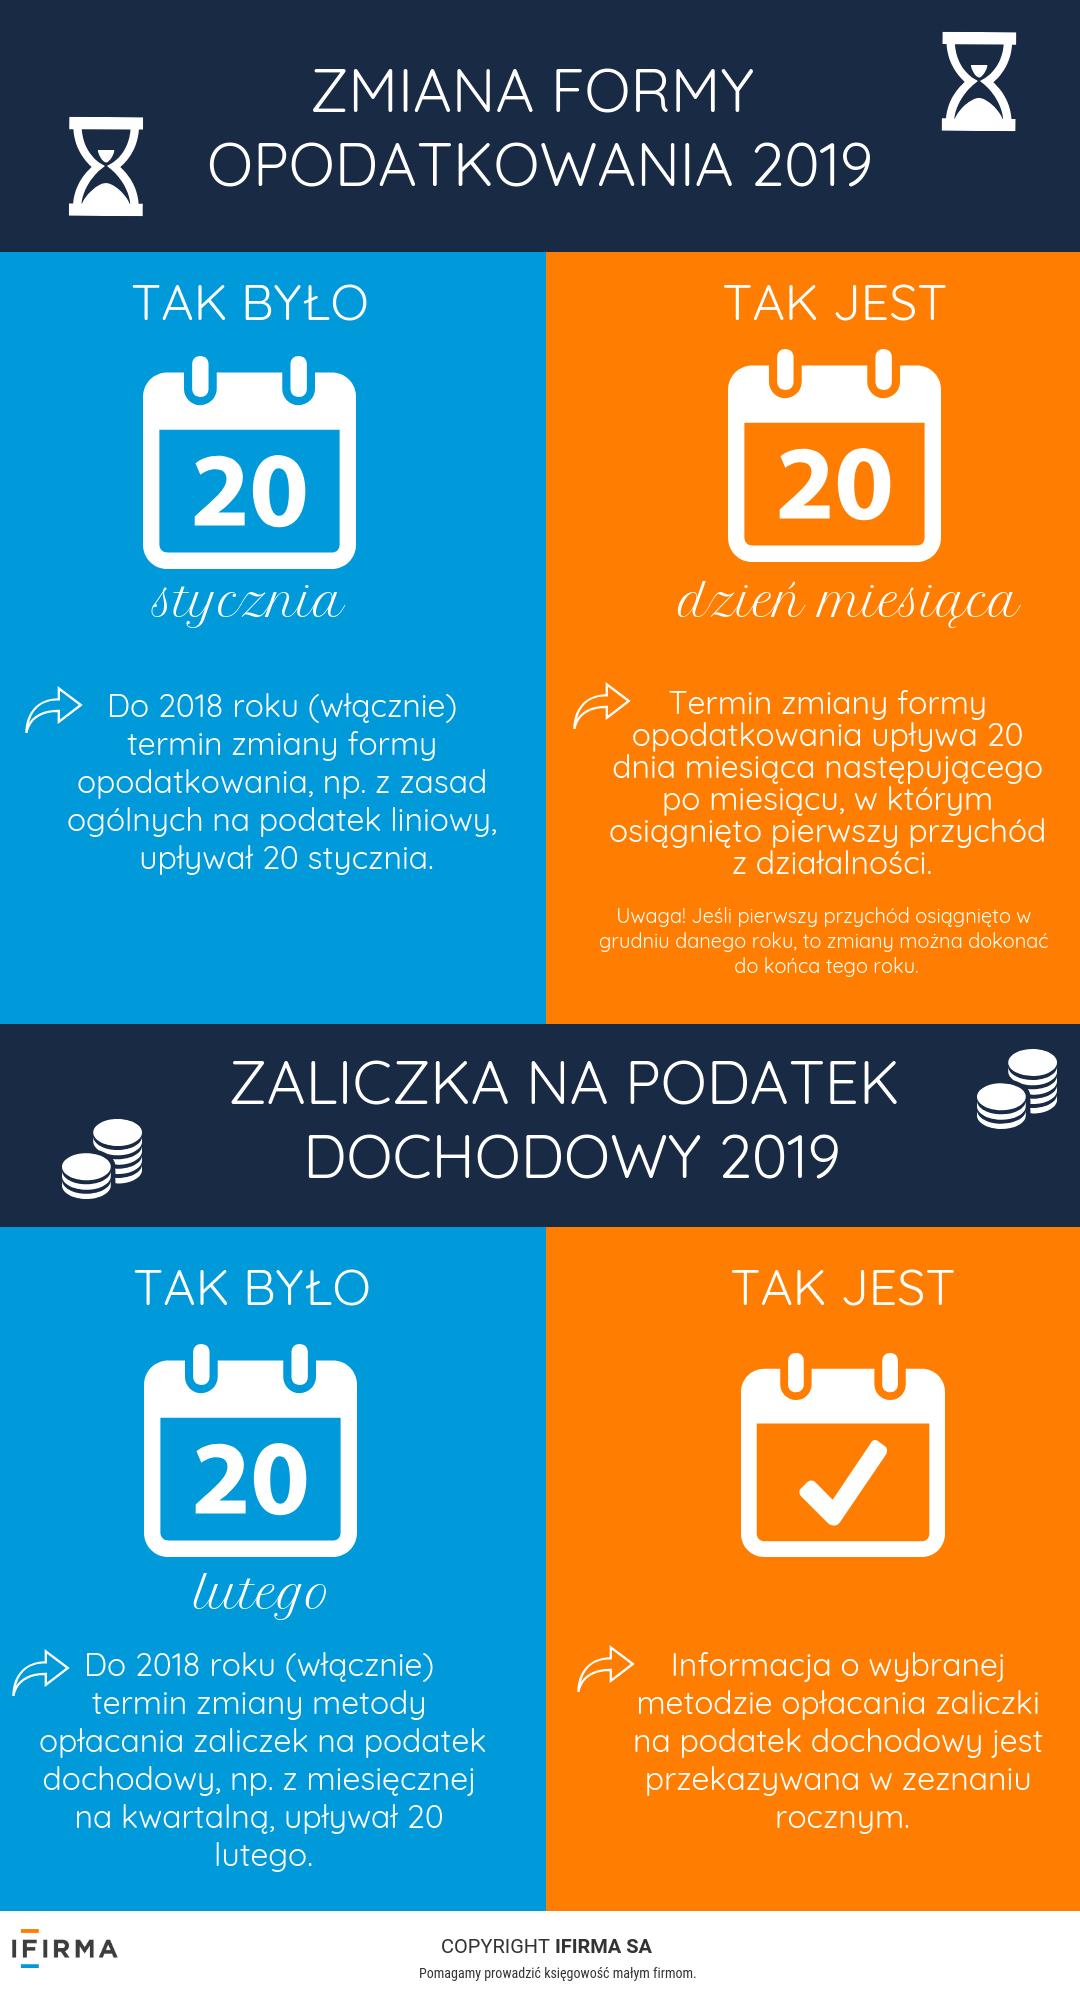 PIT 2019 – jak zgłosić zaliczkę i formę opodatkowania?